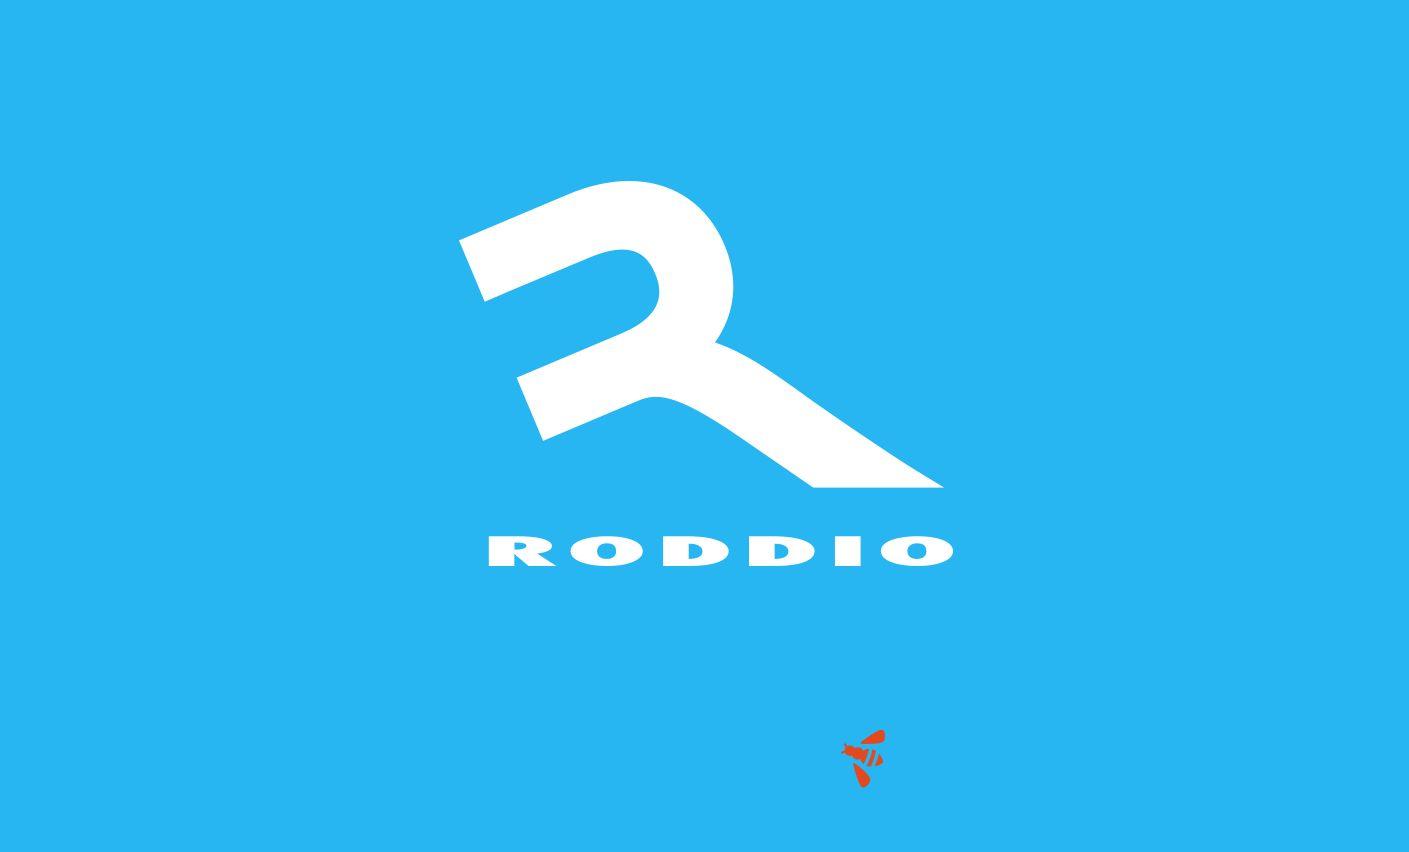 roddio01